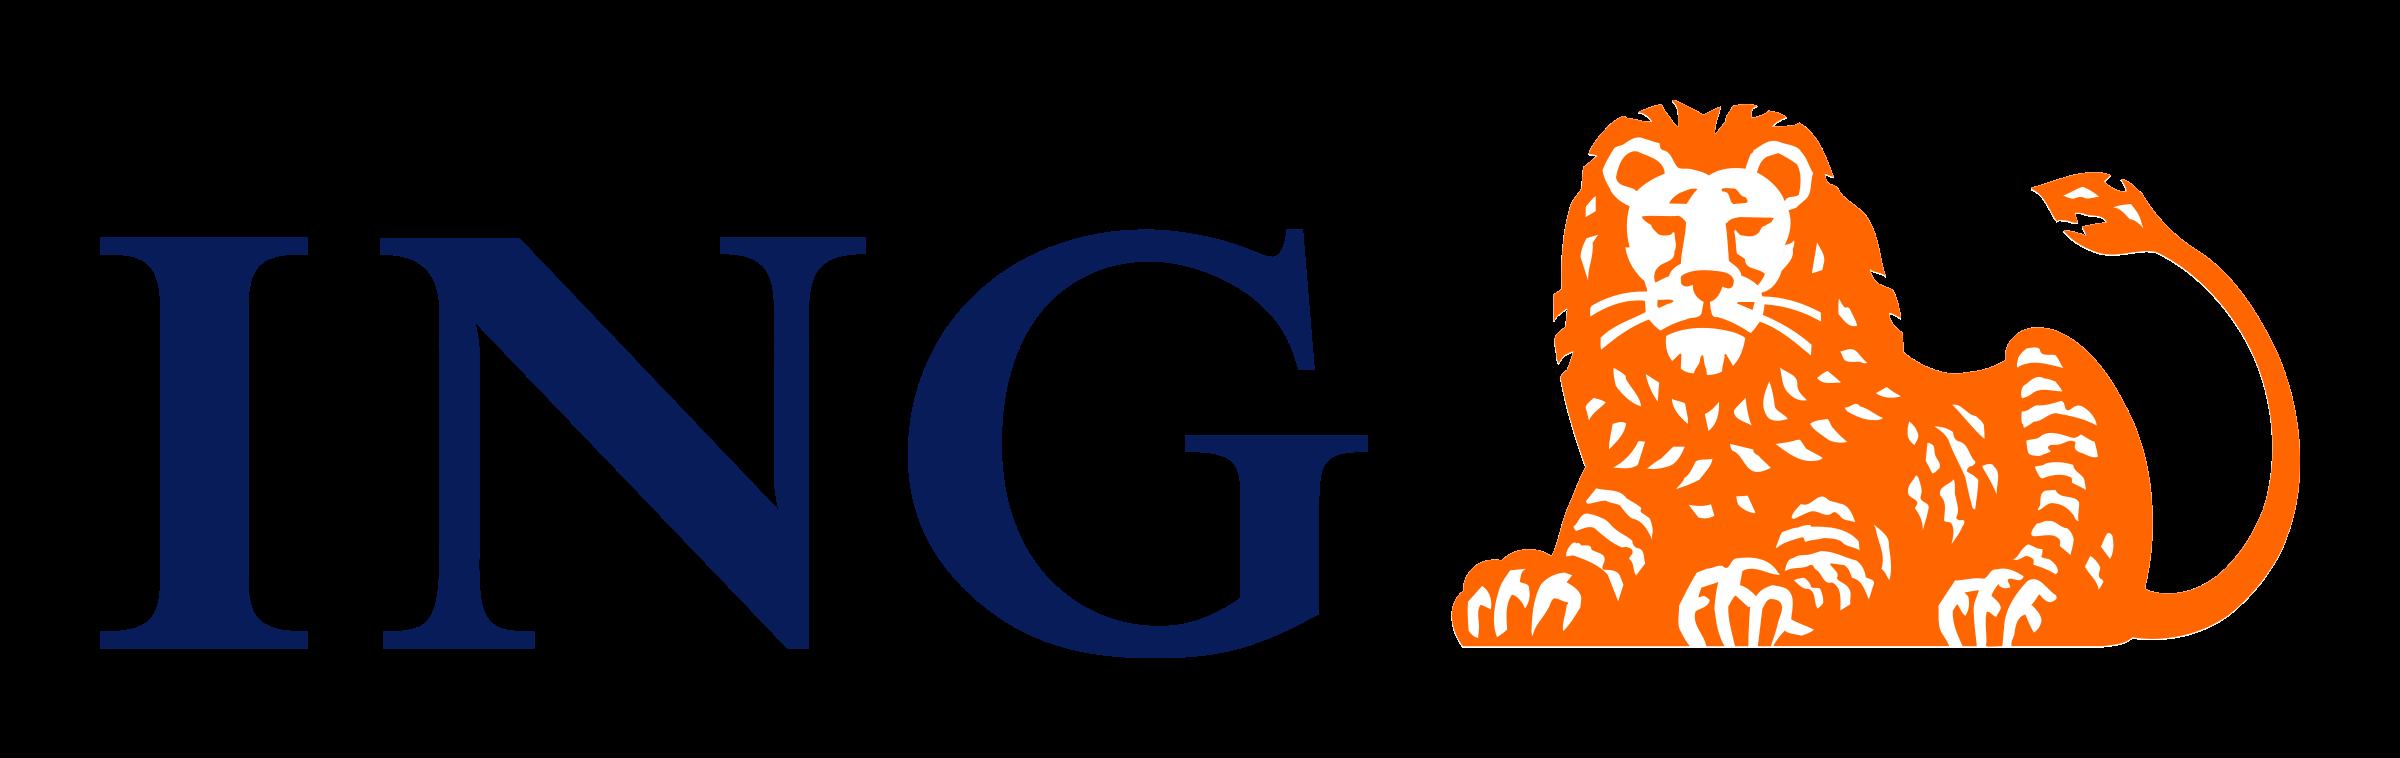 ING-logo-png-transparent.png